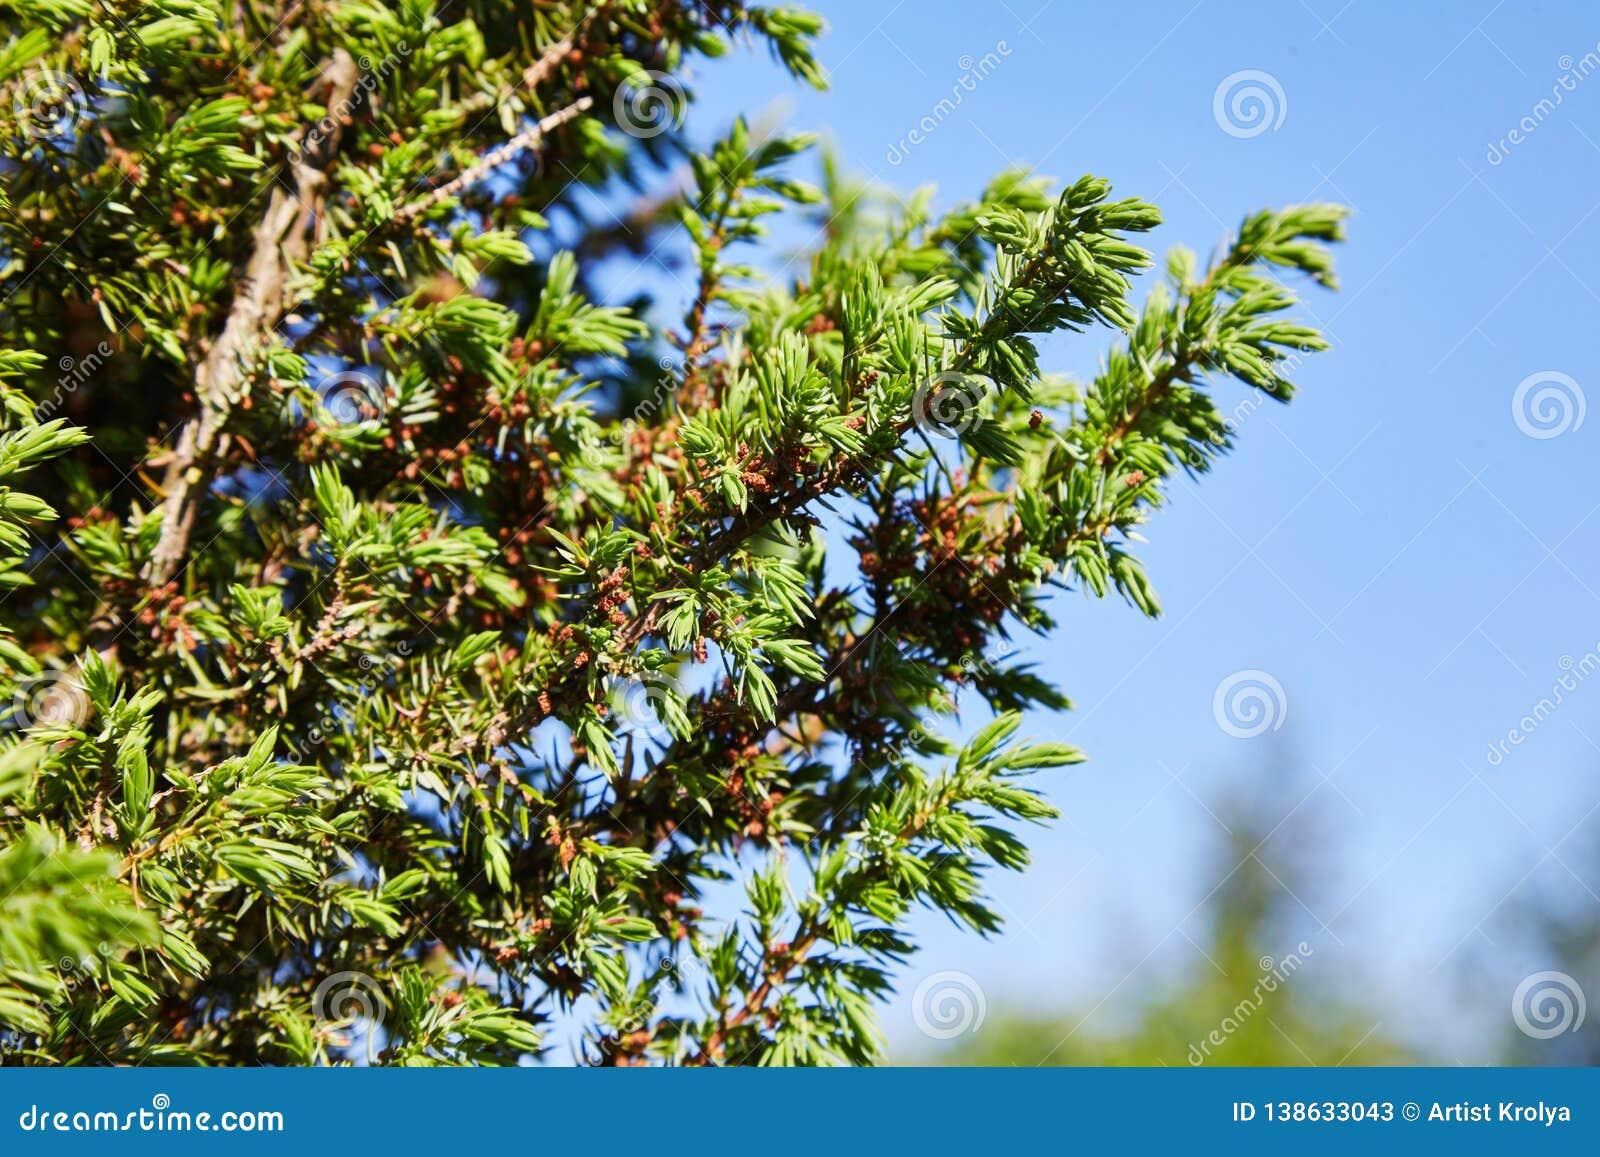 Juniperus communis die gelben männlichen Kegel